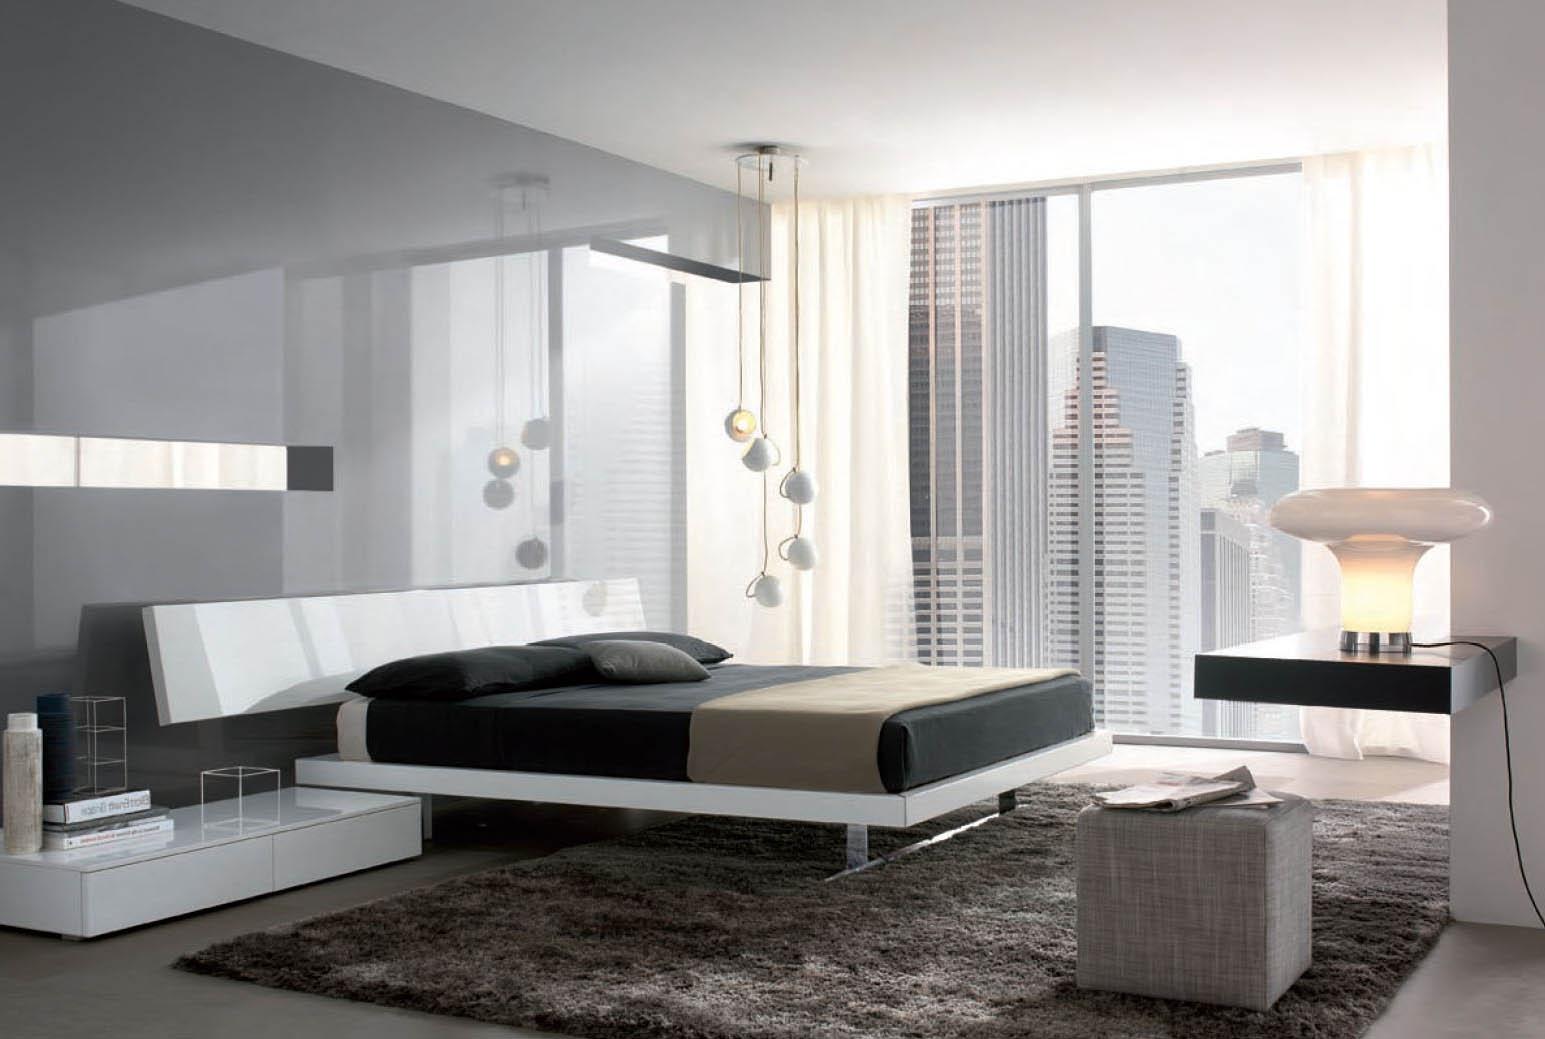 Белая мебель с современной спальне в стиле хай-тек